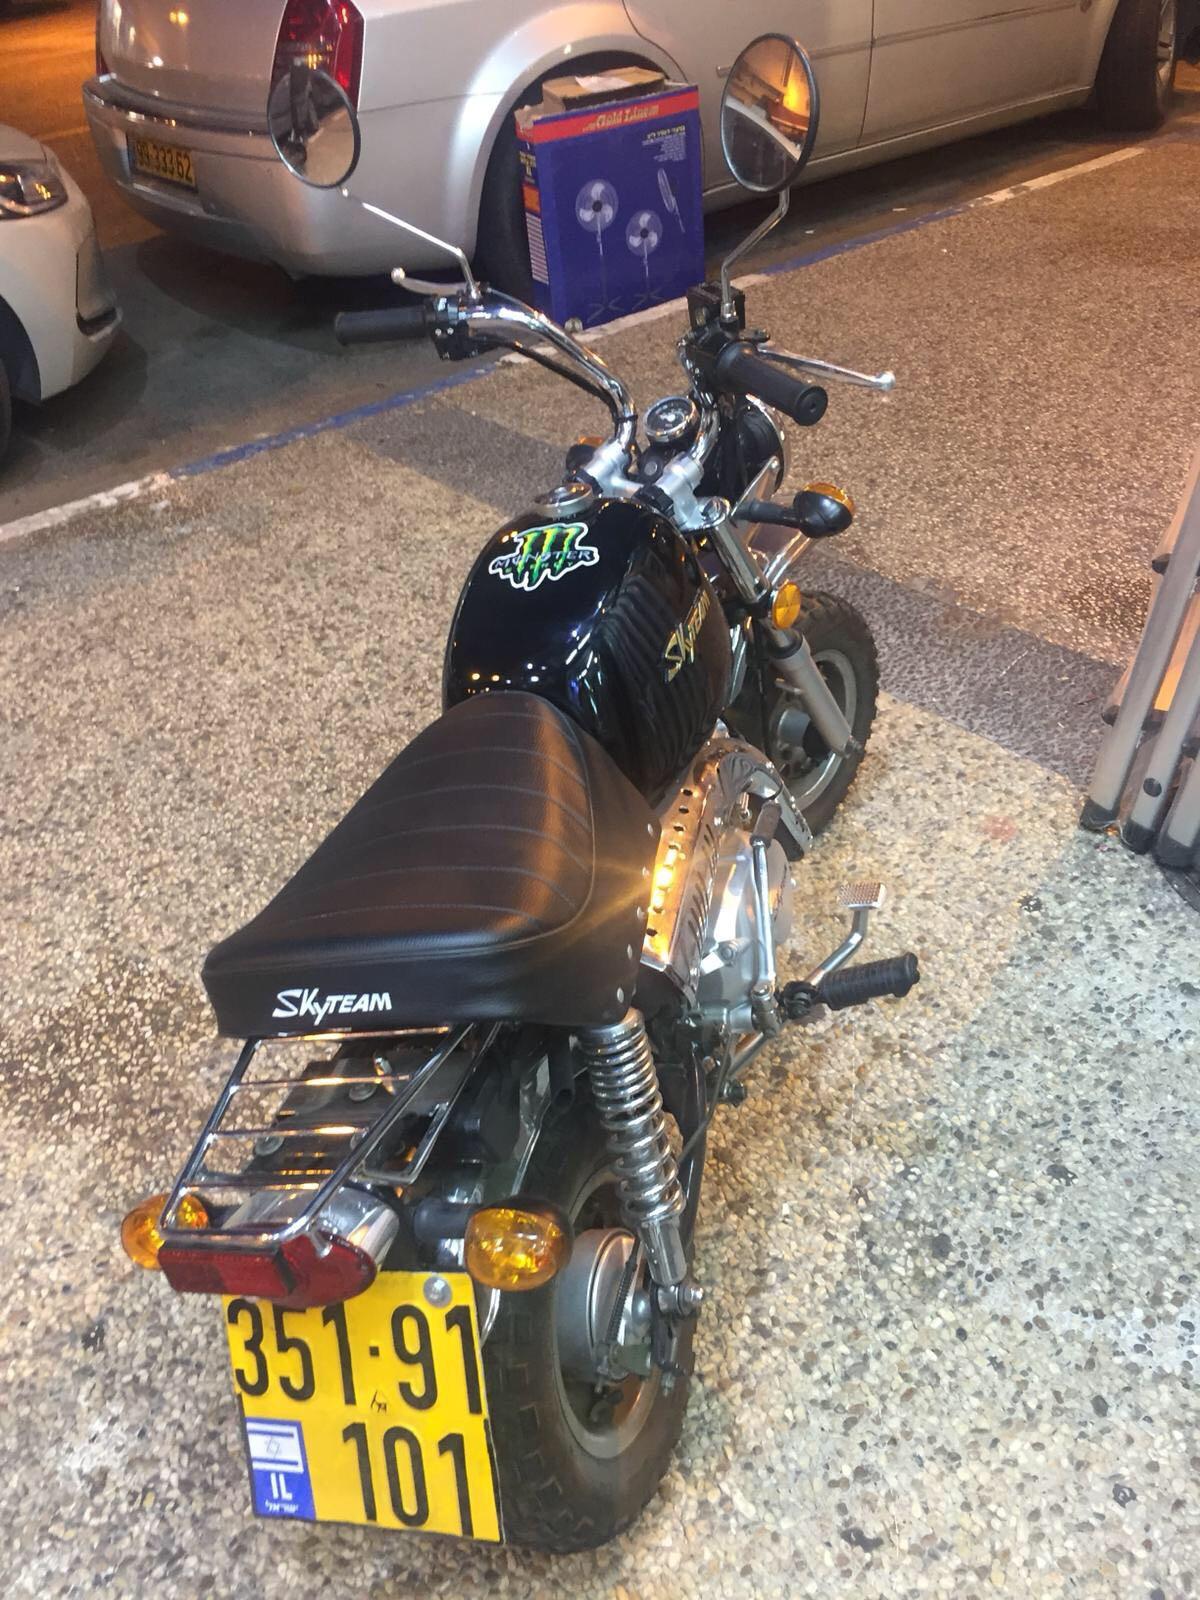 הונדה-2017-יד-1 - יד 2